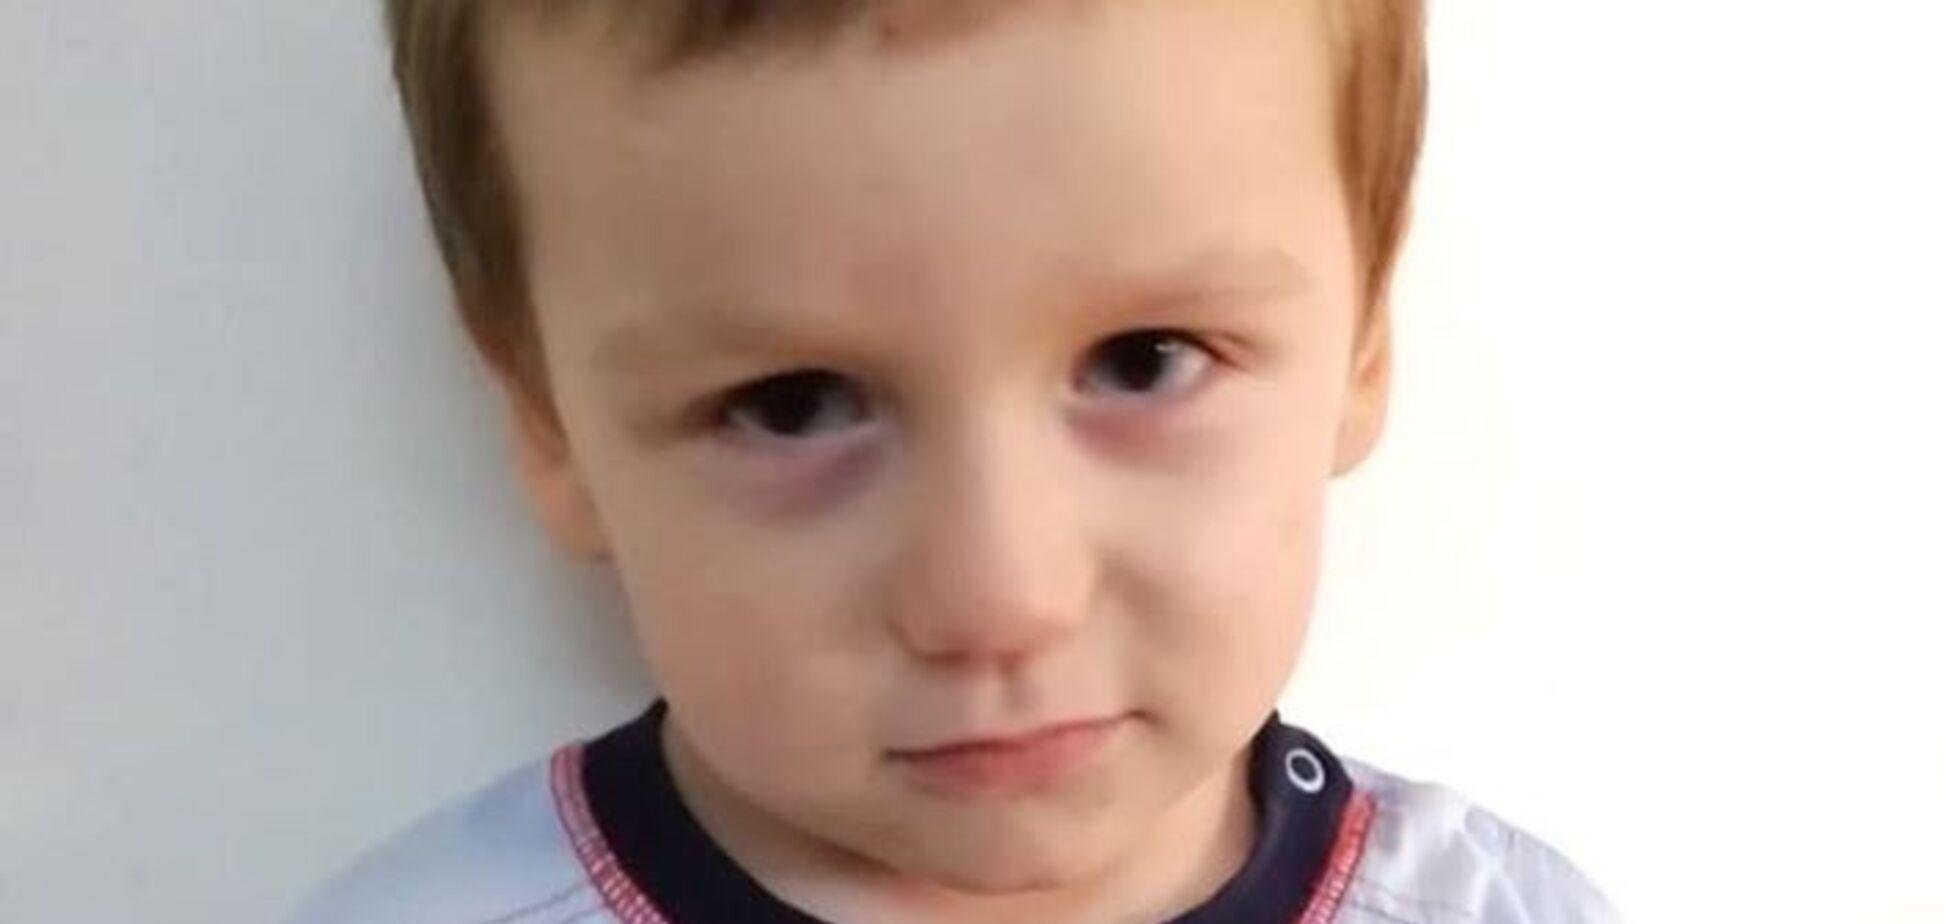 На теле были ссадины: в Киеве полиция объявила о розыске родителей малыша